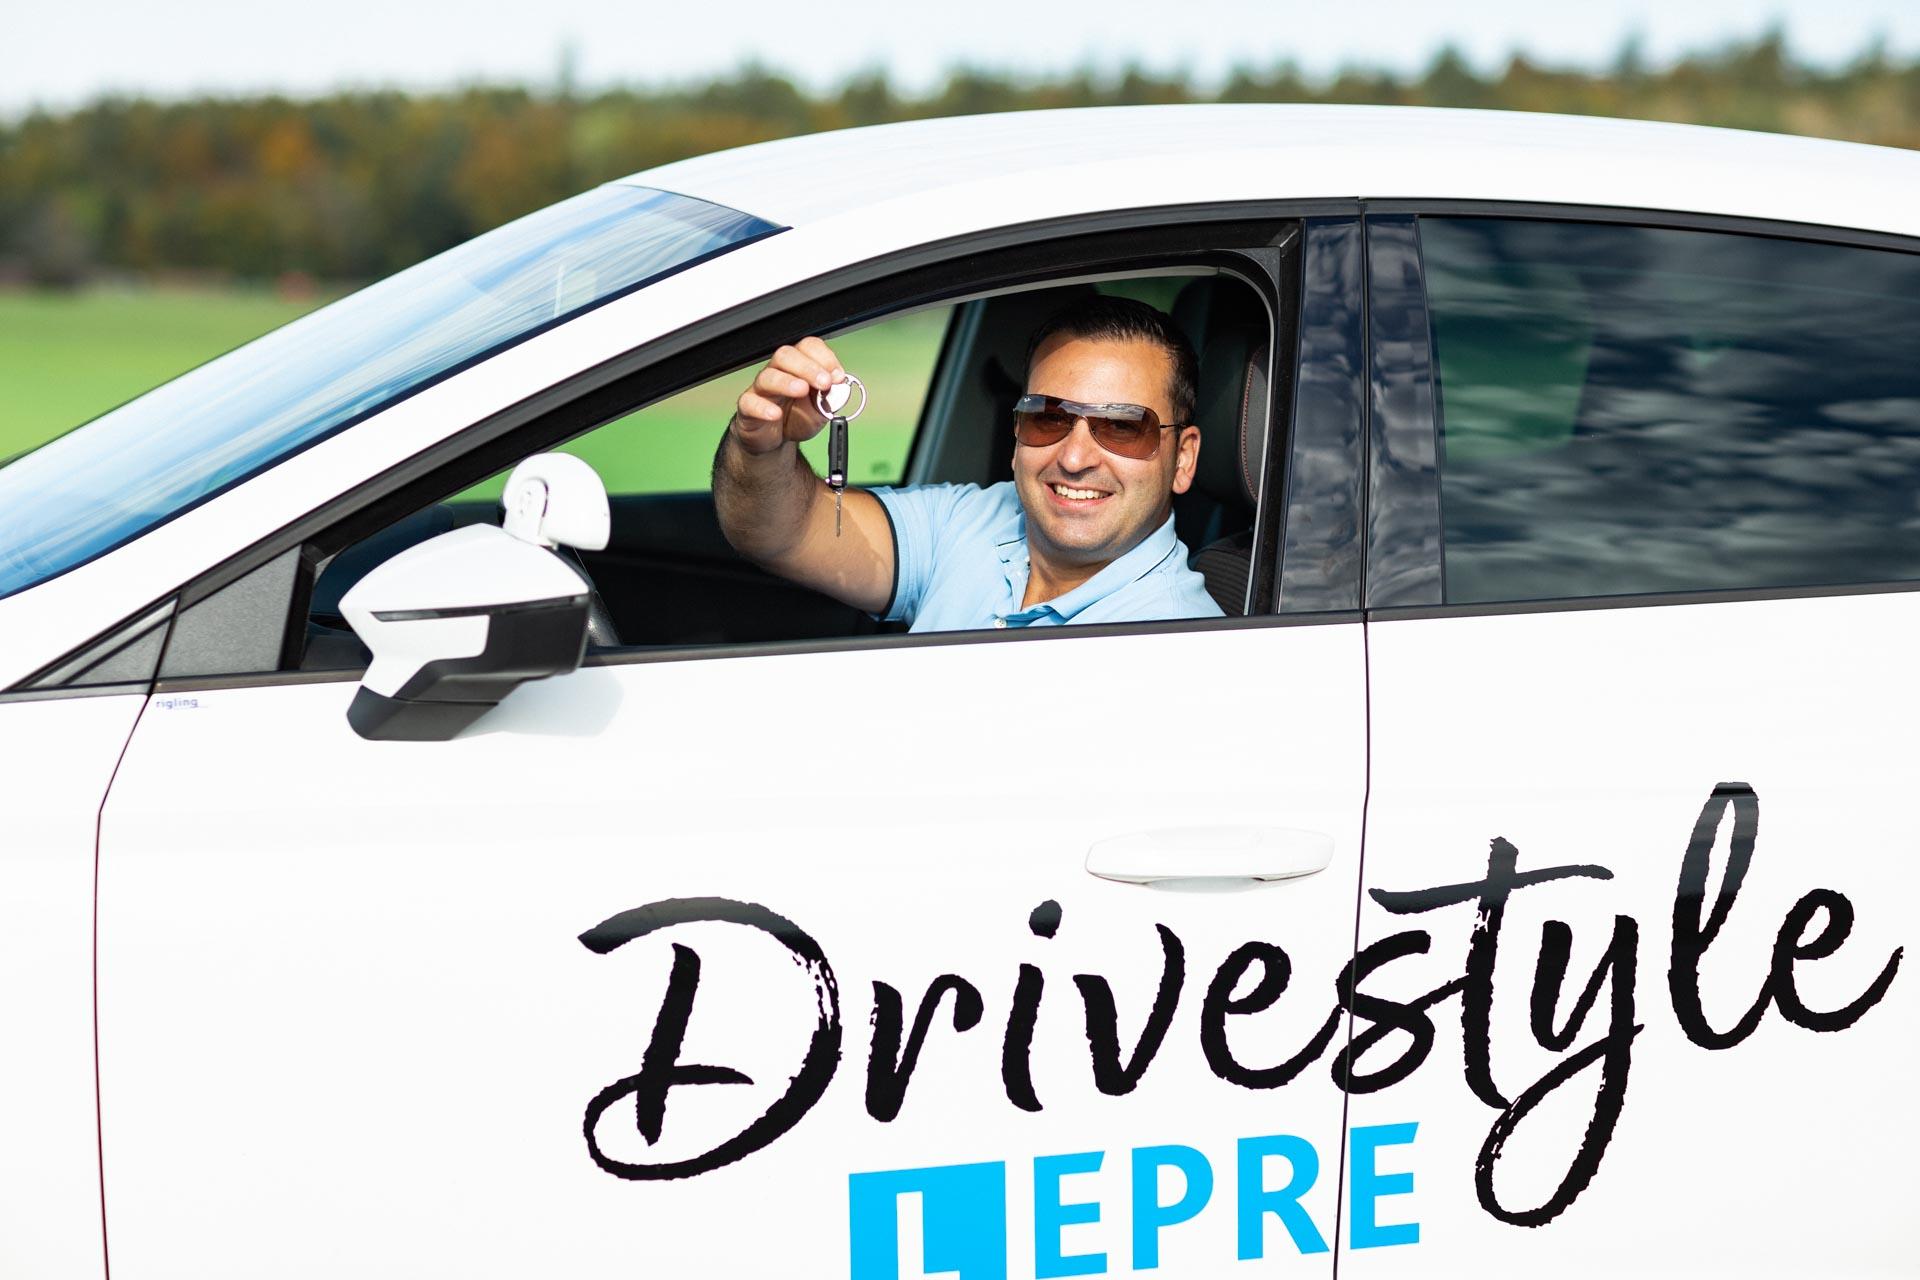 Bilder Drivestyle